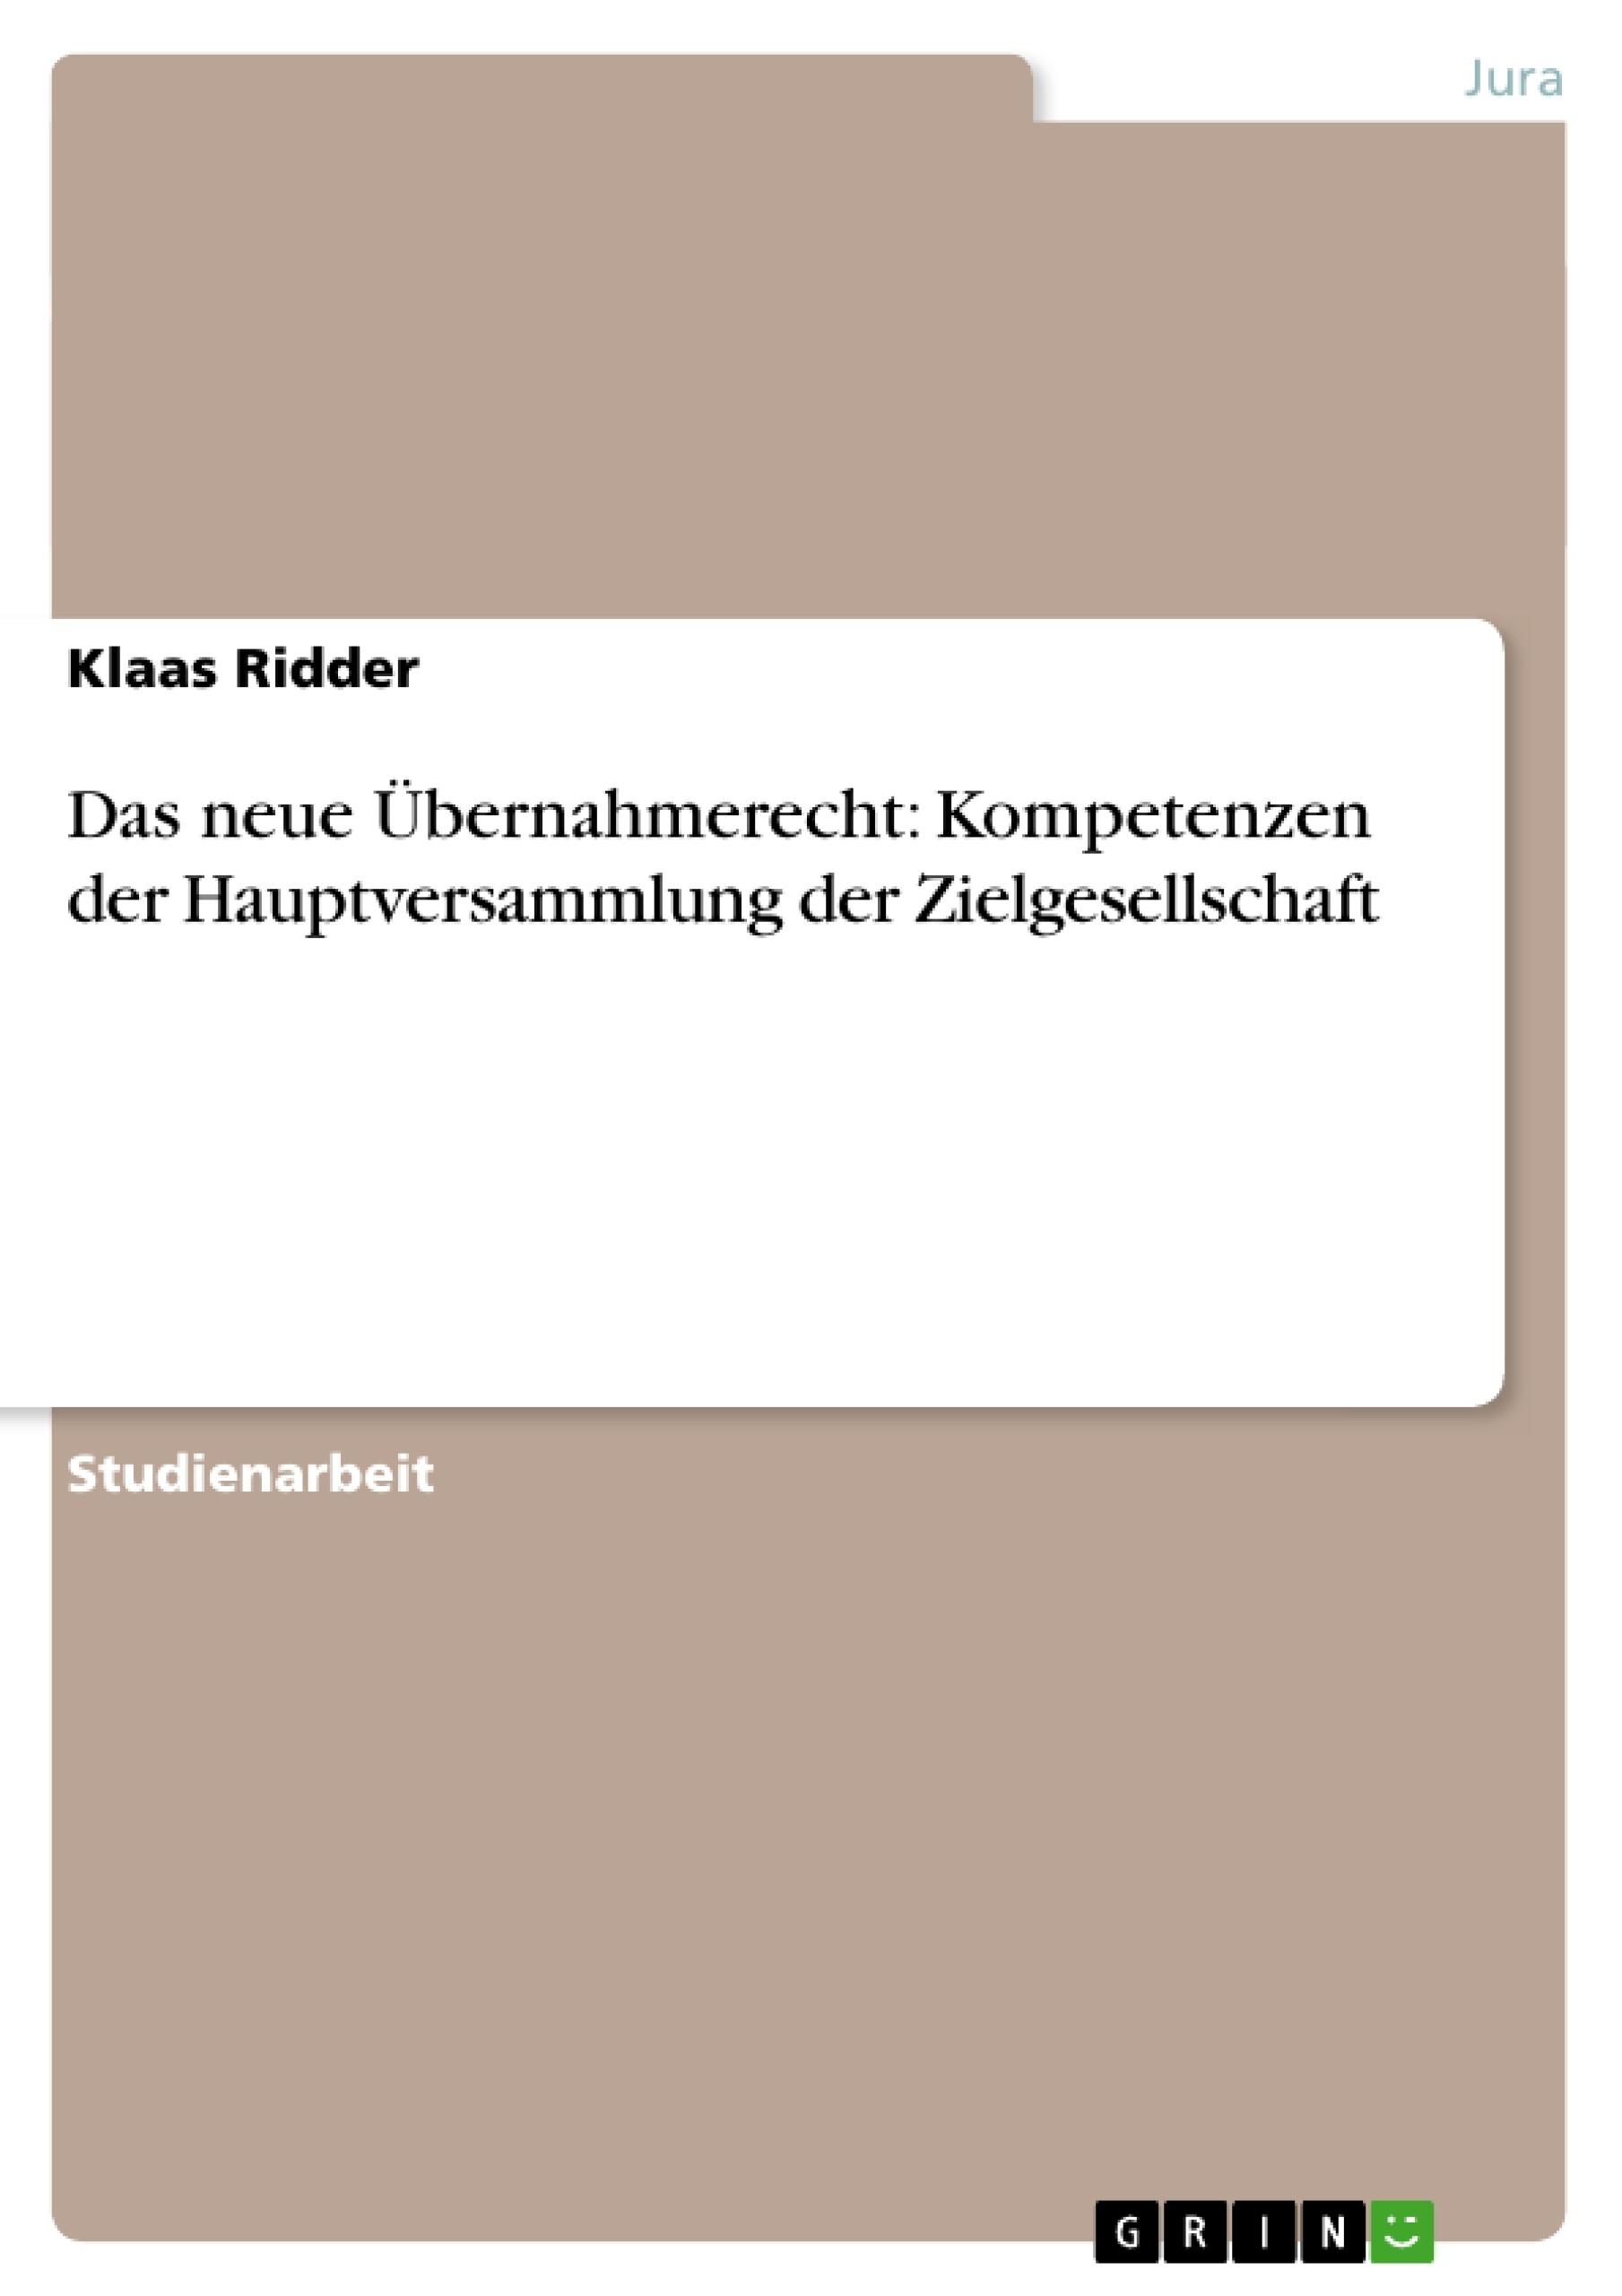 Titel: Das neue Übernahmerecht: Kompetenzen der Hauptversammlung der Zielgesellschaft